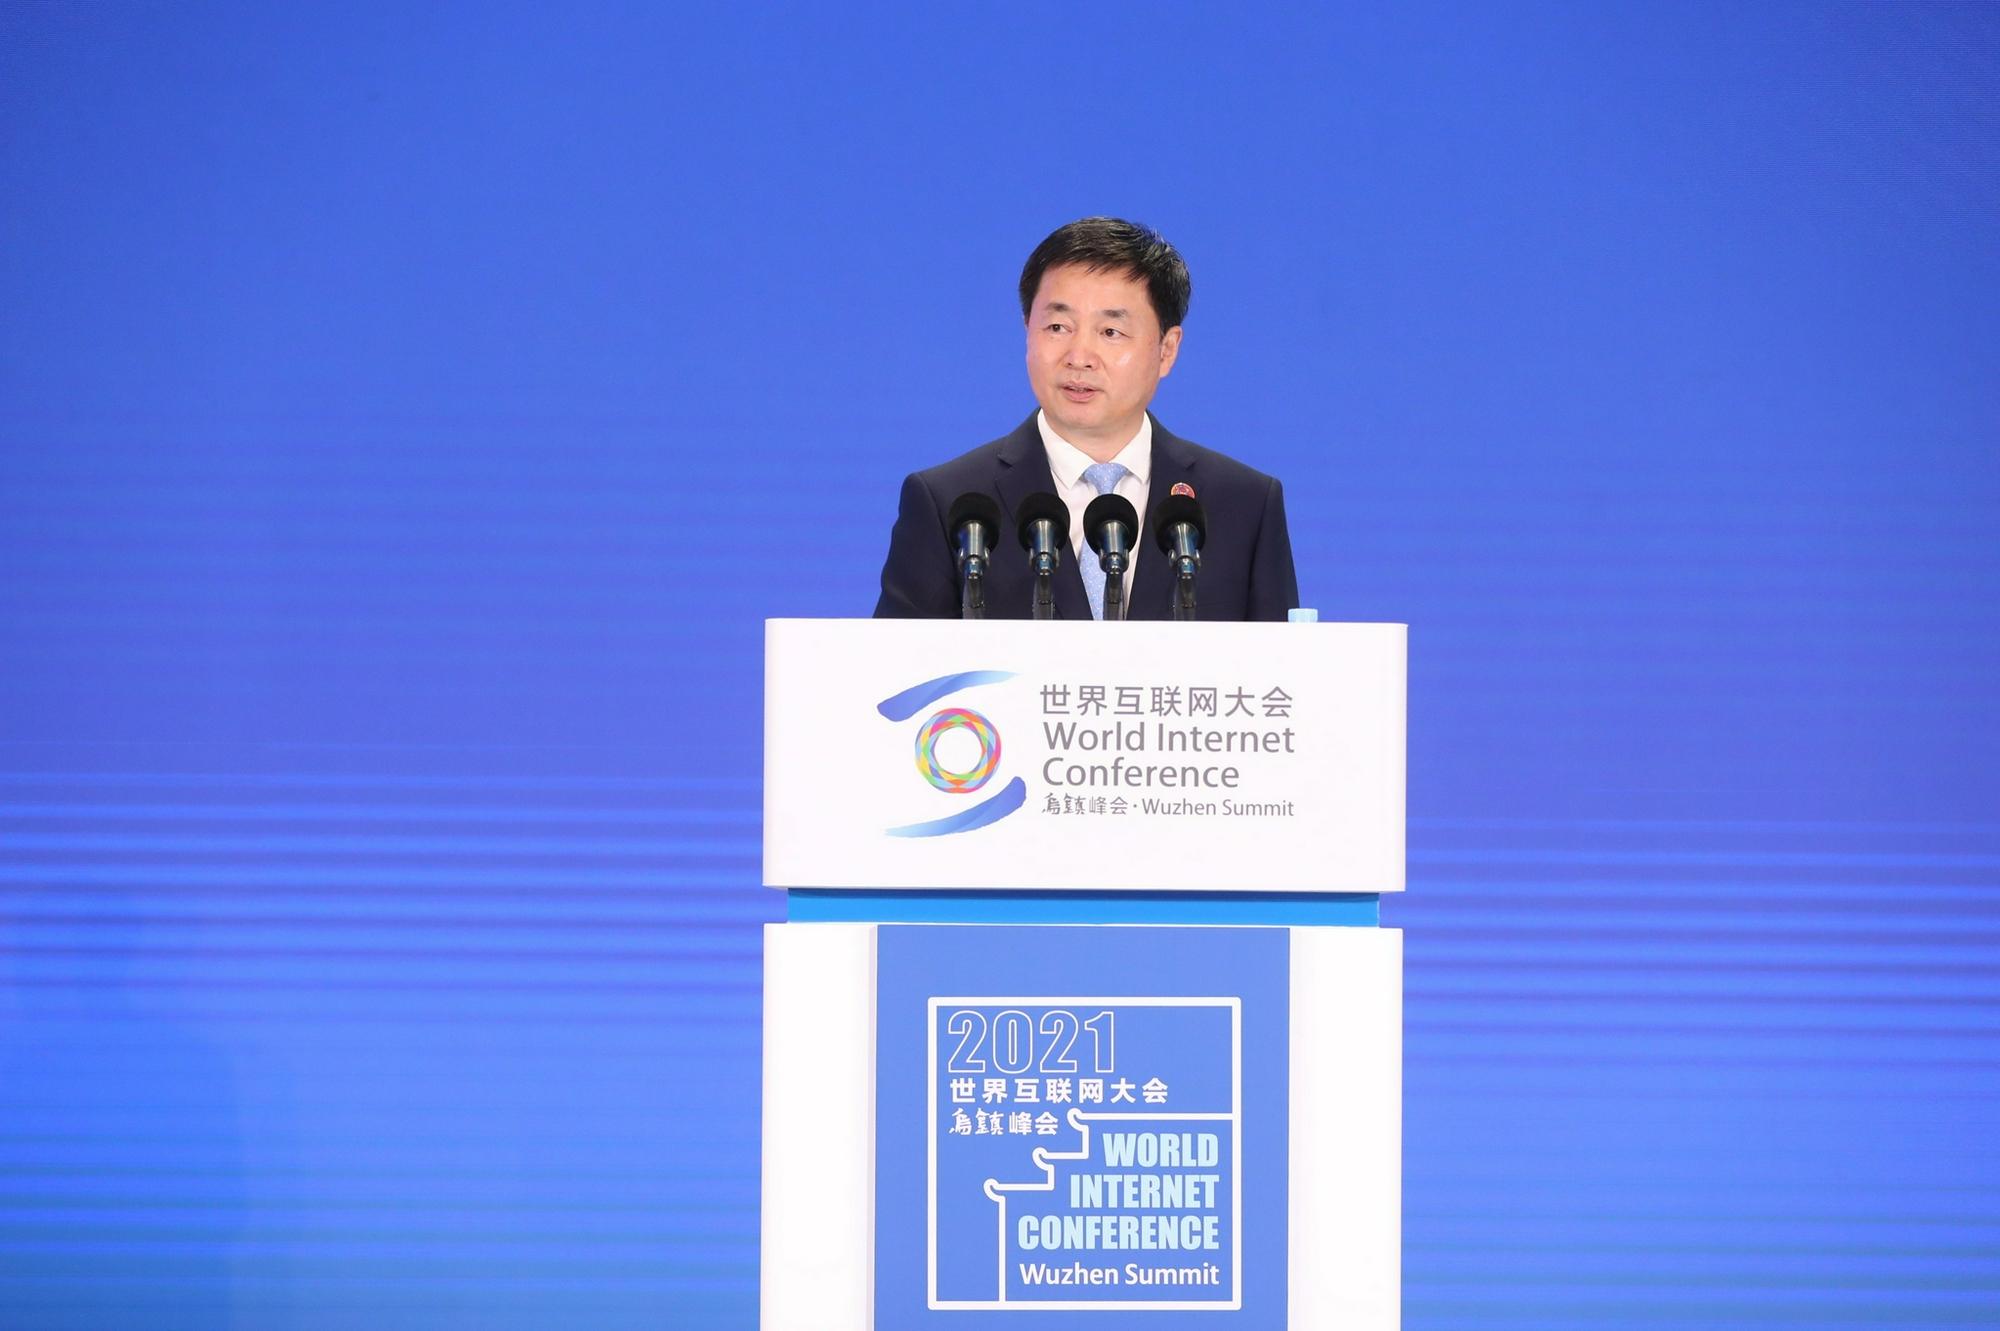 中国电信柯瑞文在大会上发表讲话